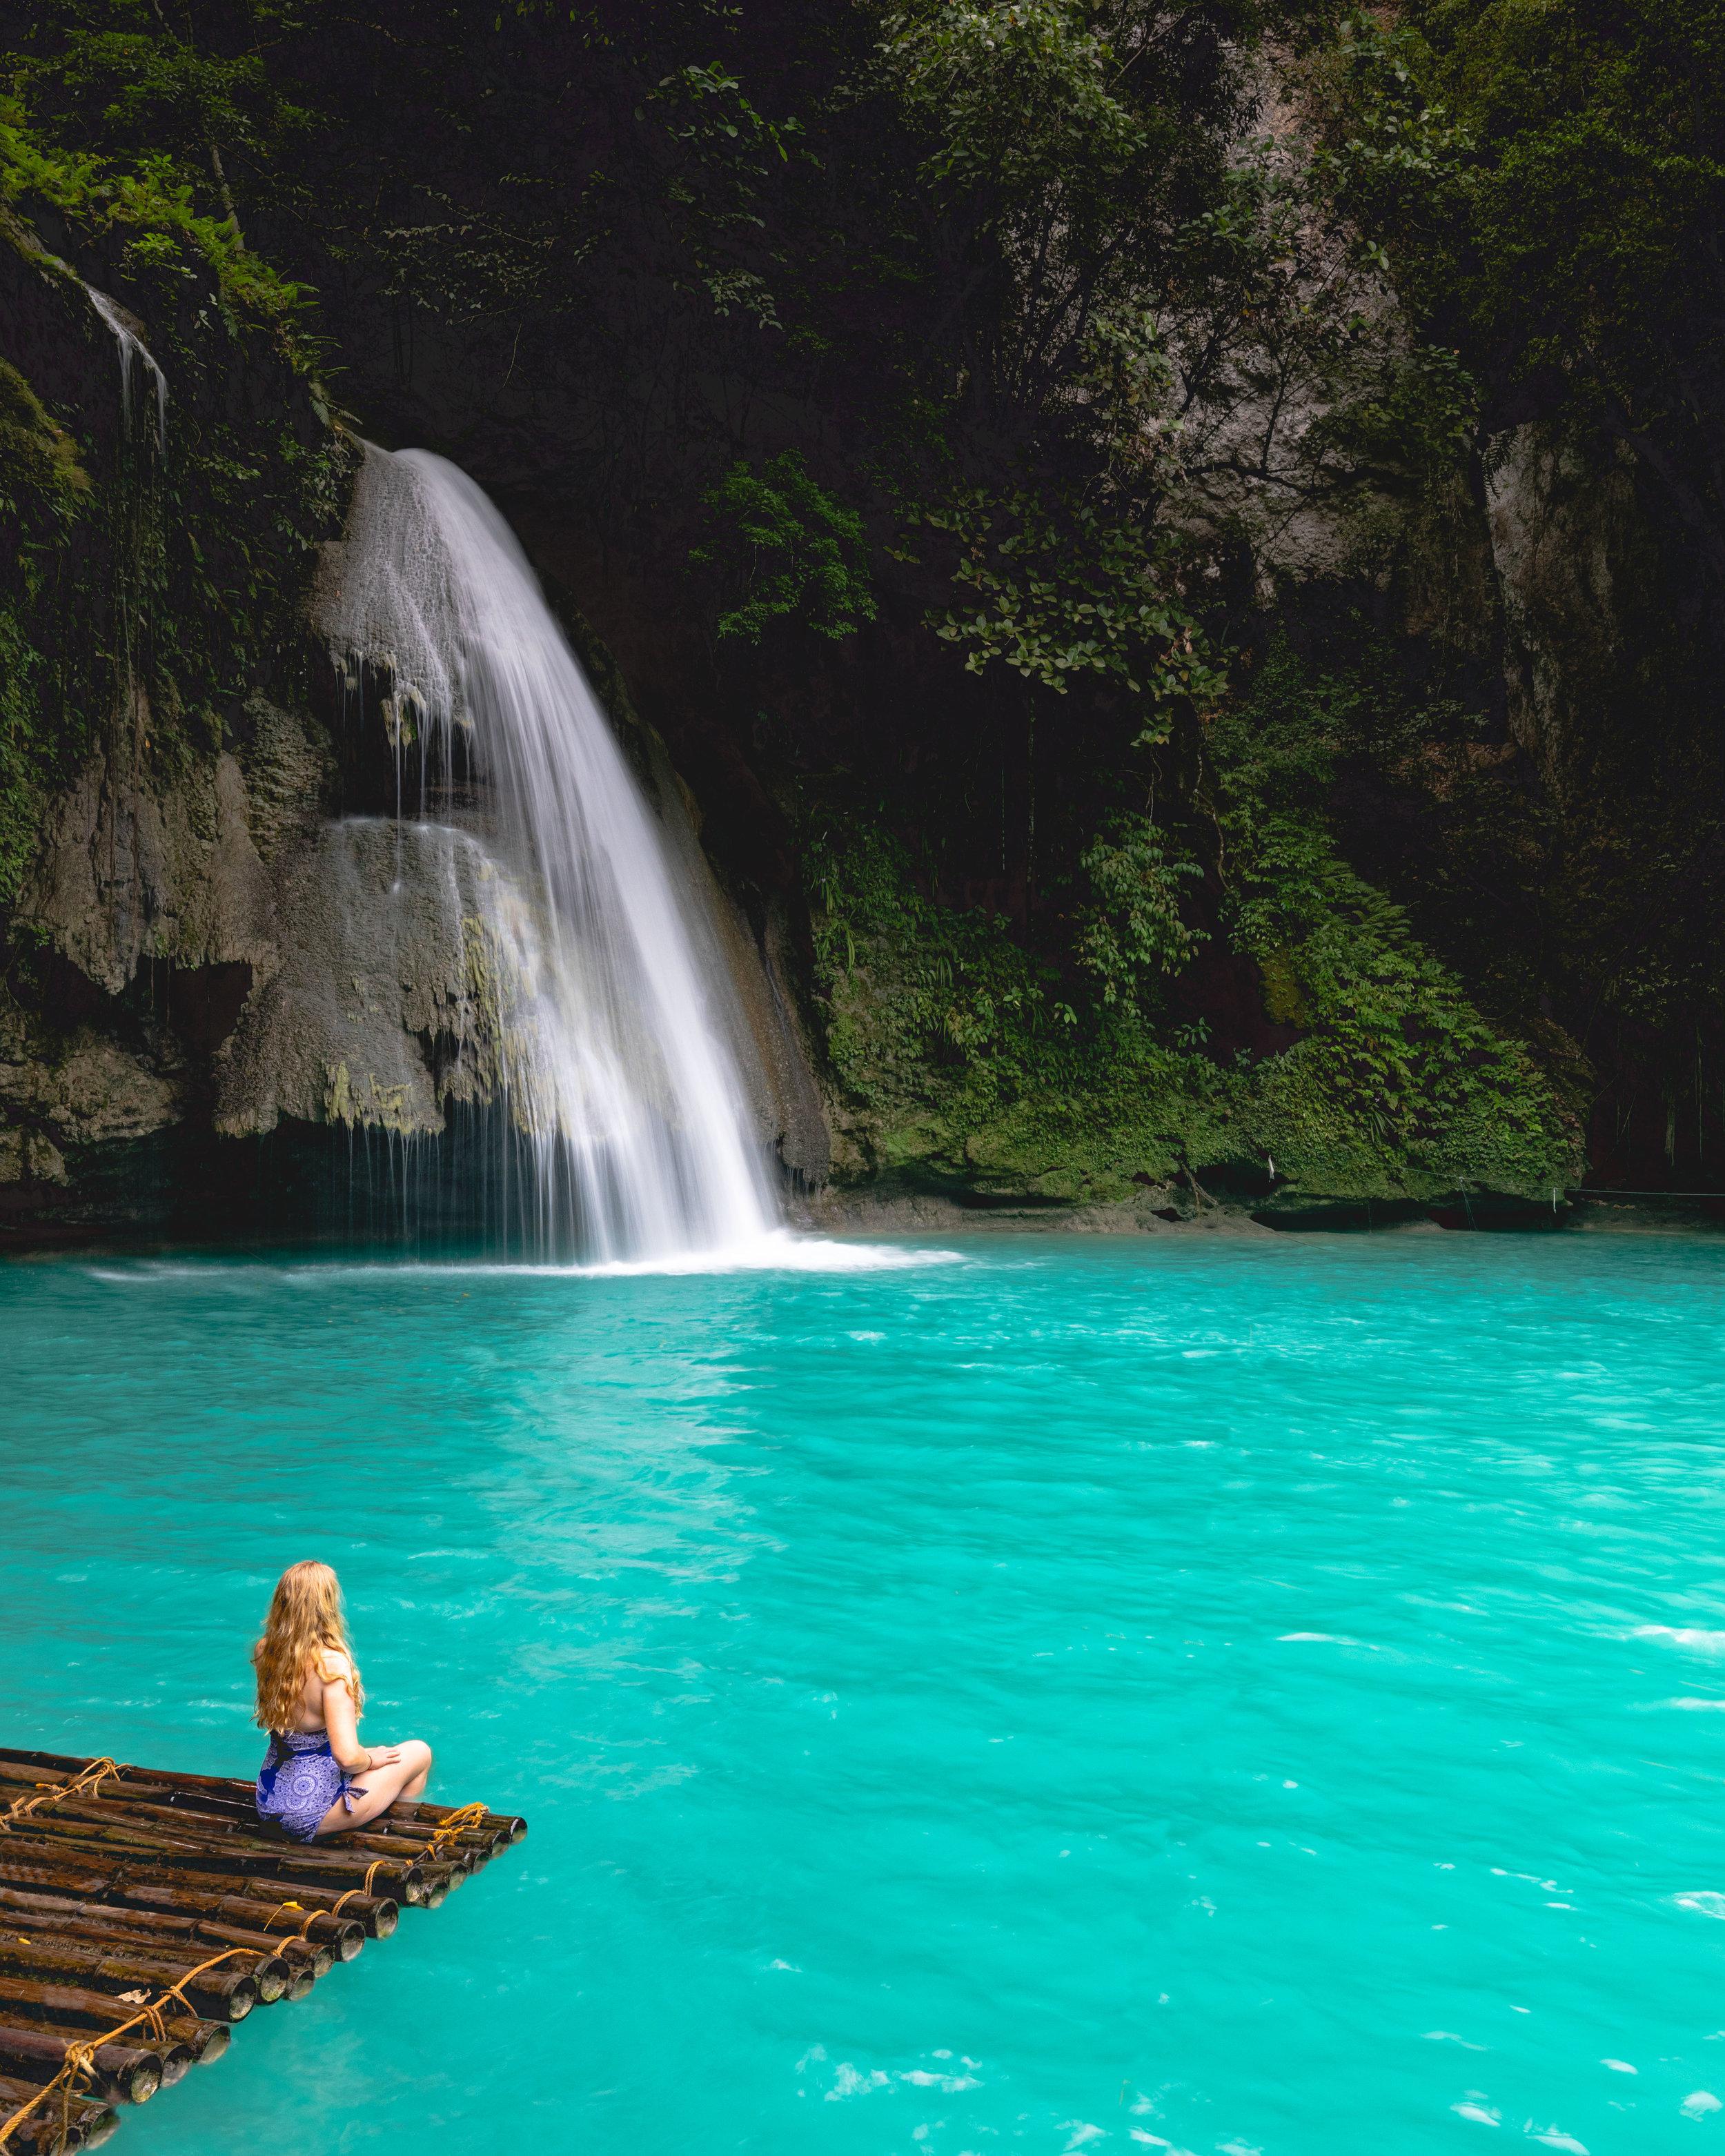 The bamboo raft at the bottom level of Kawasan Falls